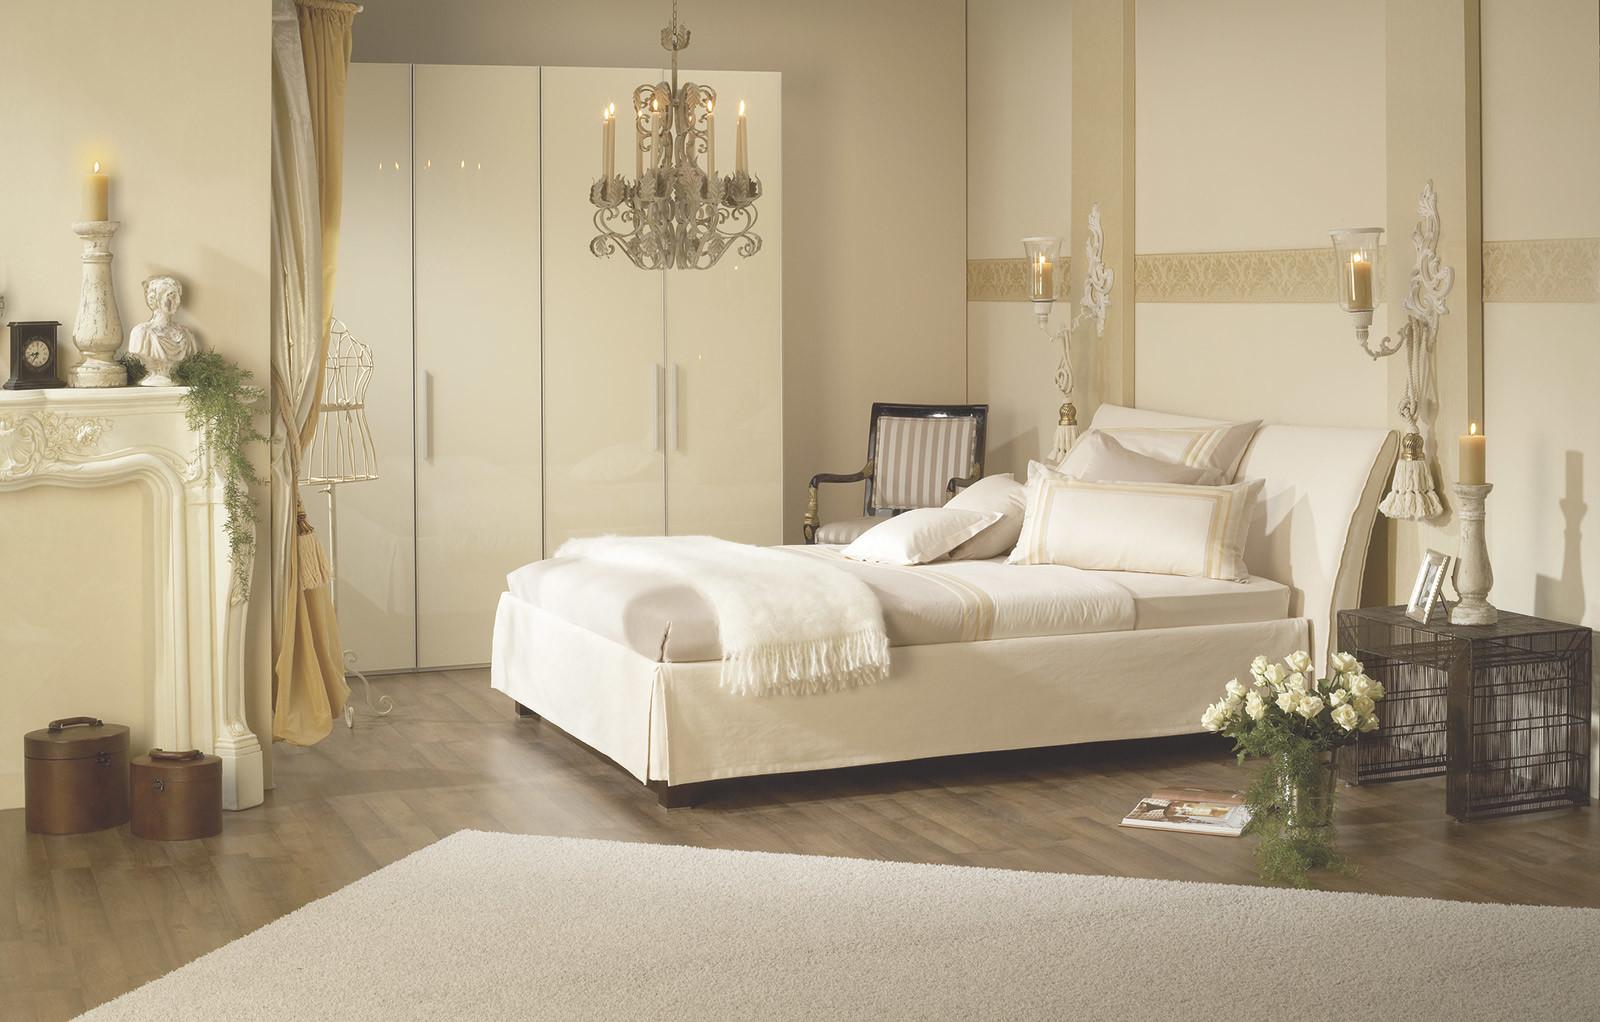 schlafsysteme - betten bubert und stoffideen, Schlafzimmer entwurf